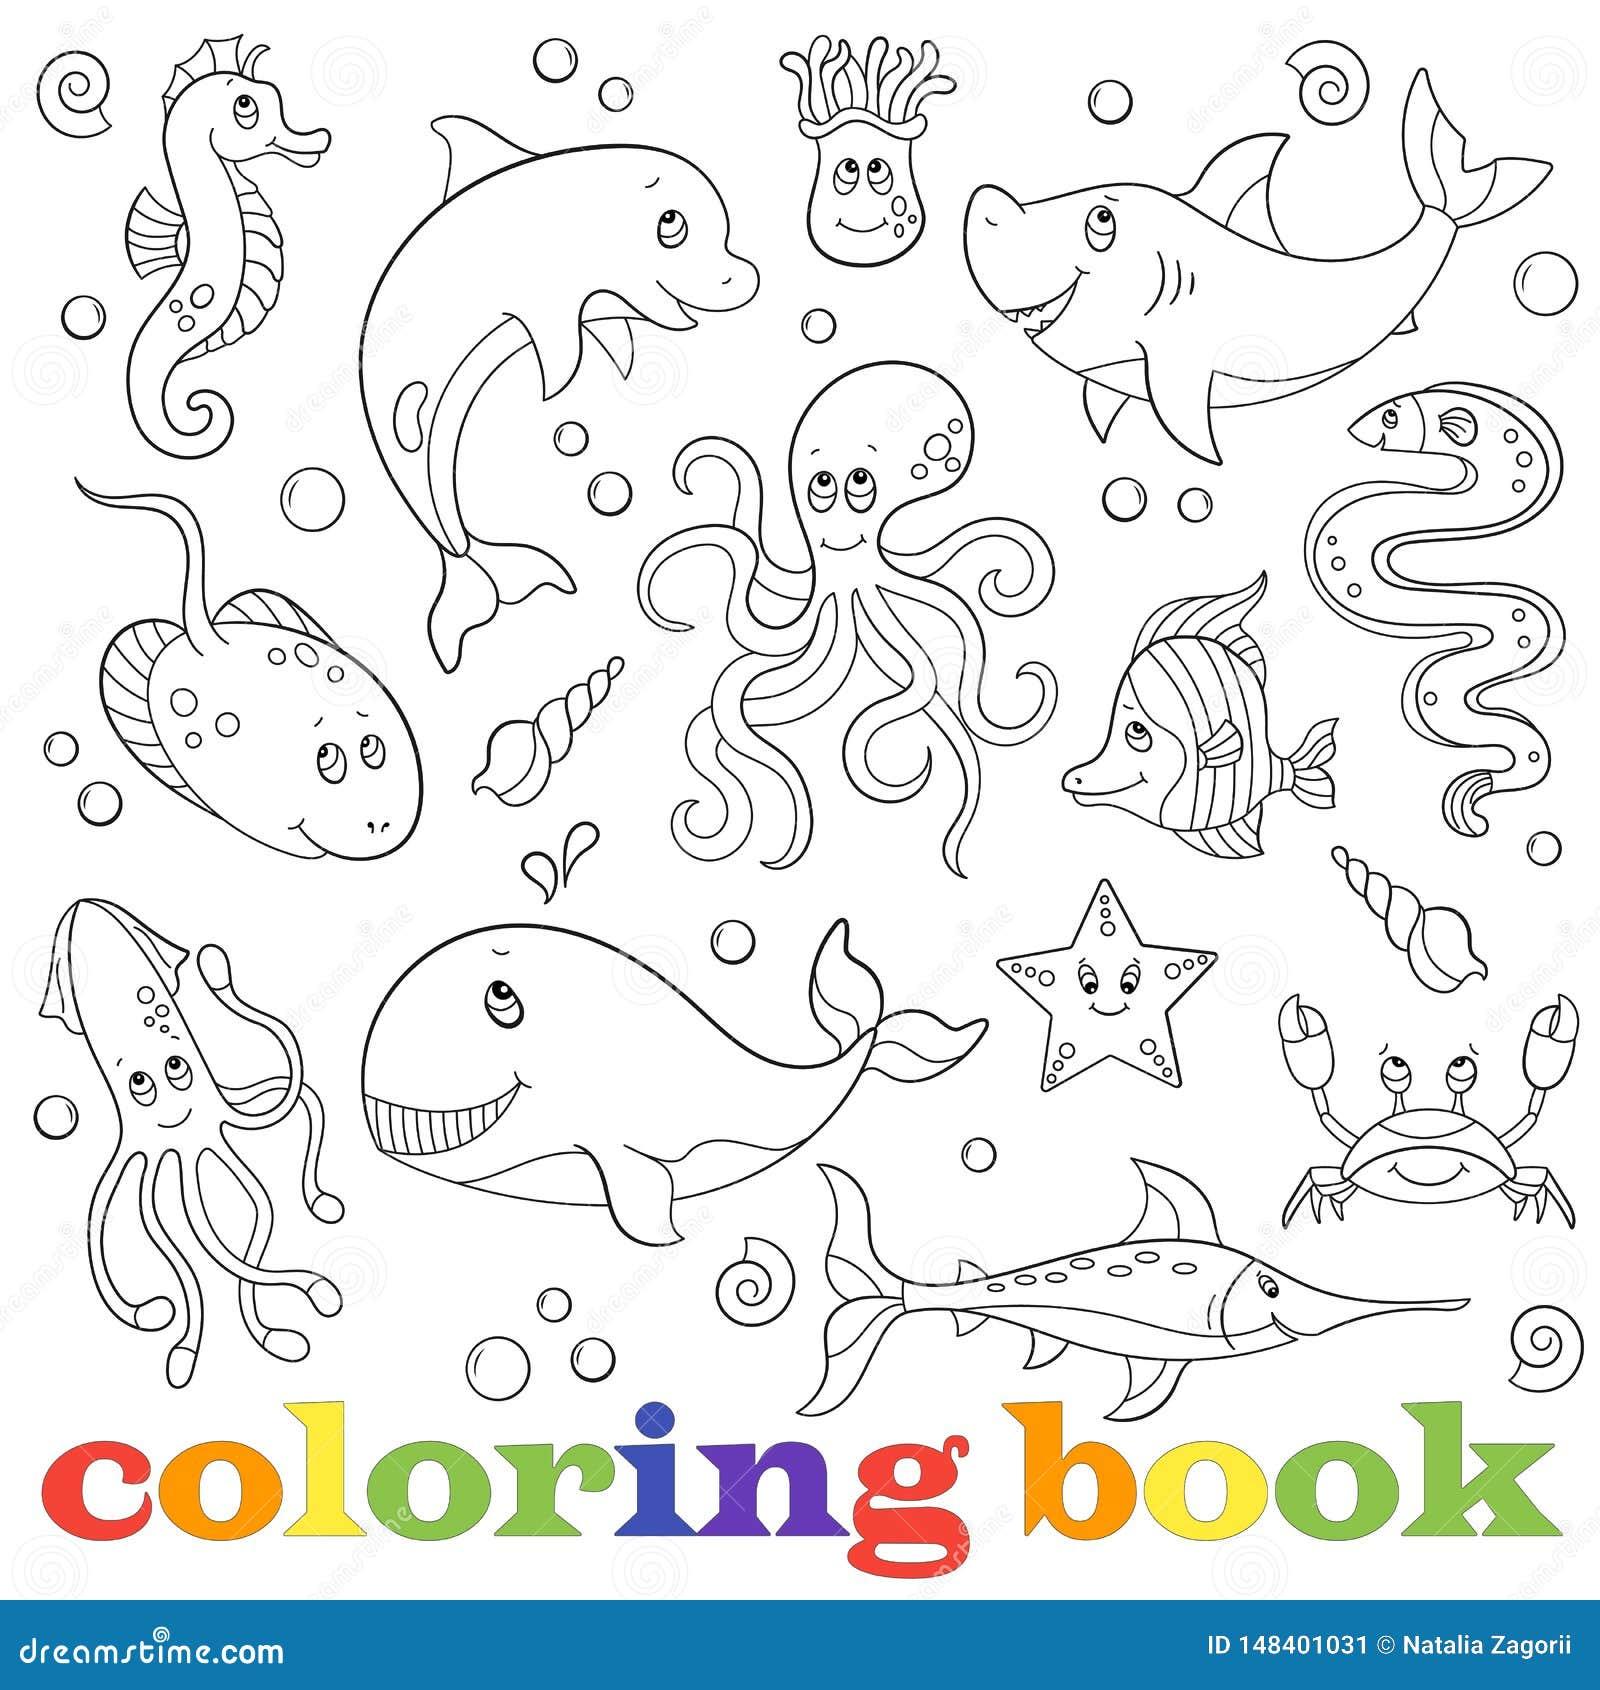 De contour plaatste met illustraties met het mariene leven, grappige beeldverhaaldieren op een blauwe achtergrond, die boek kleur